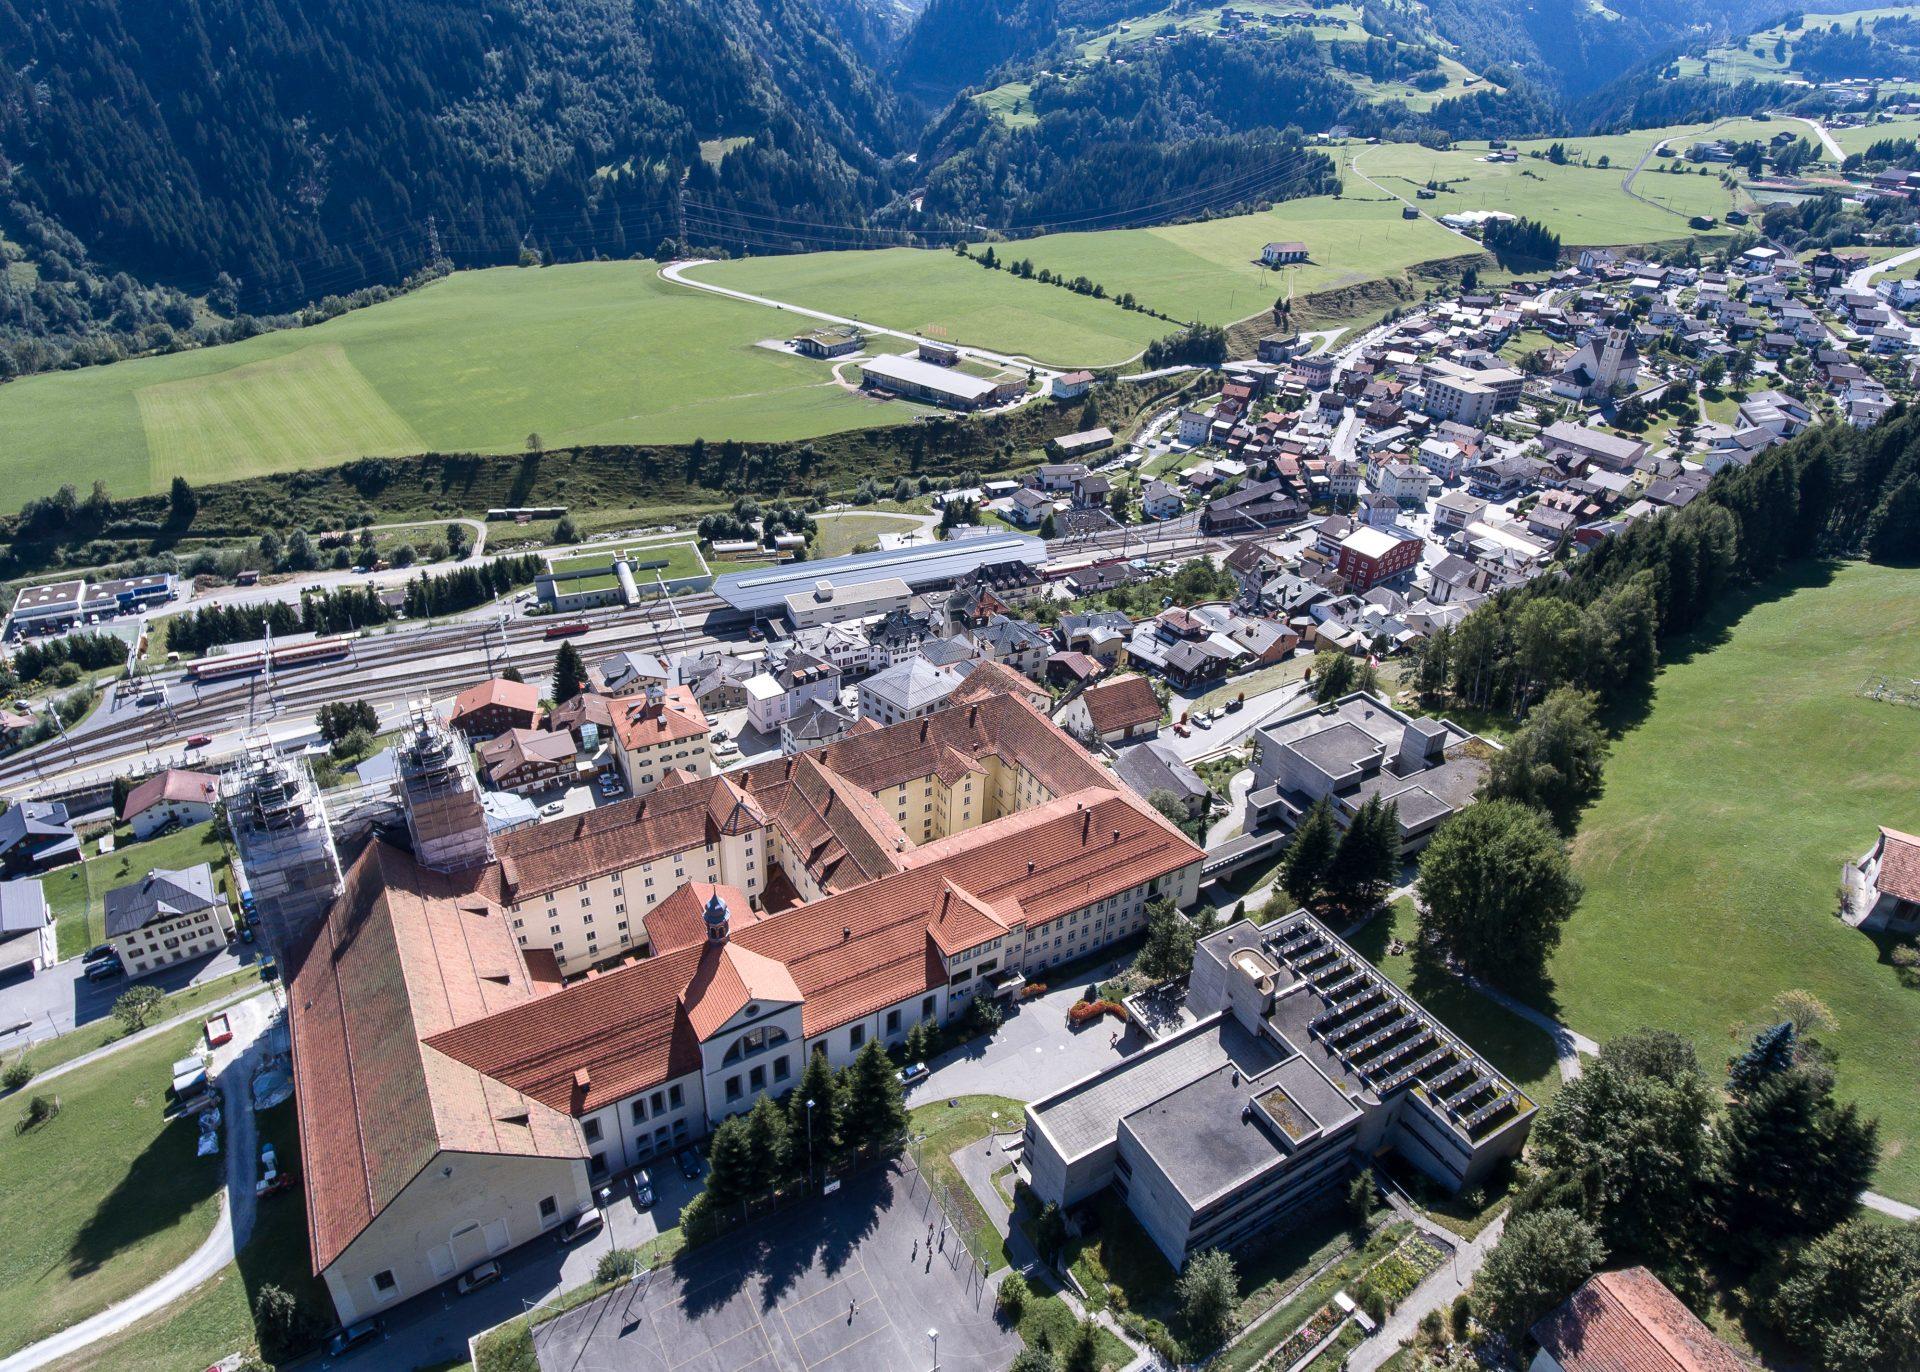 Kloster Disentis Luftaufnahme-5